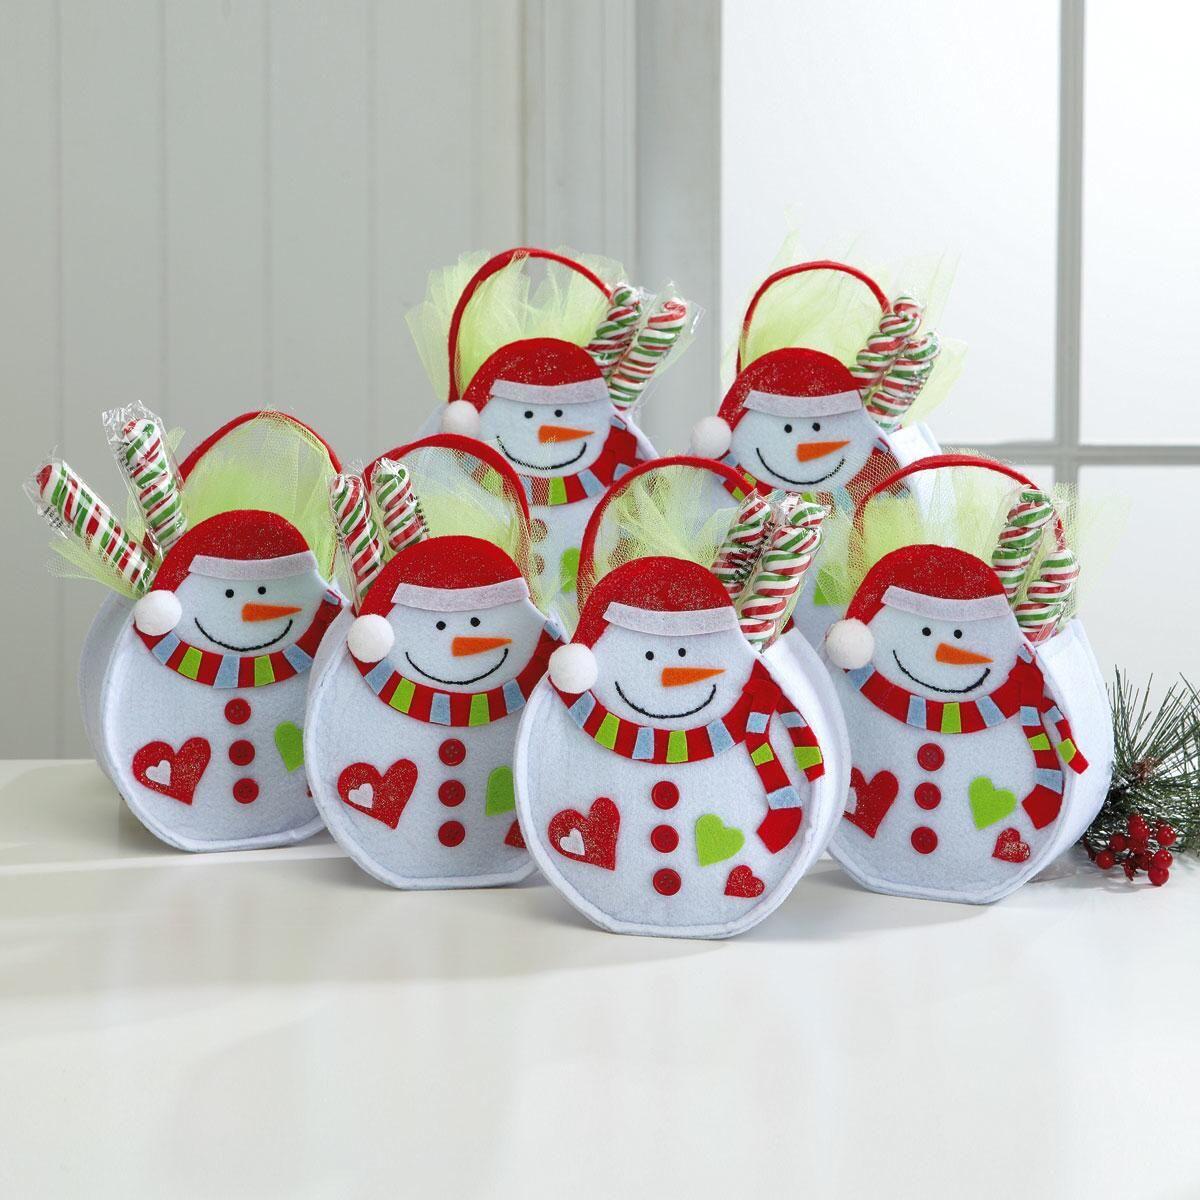 Christmas Snowman Felt Bags